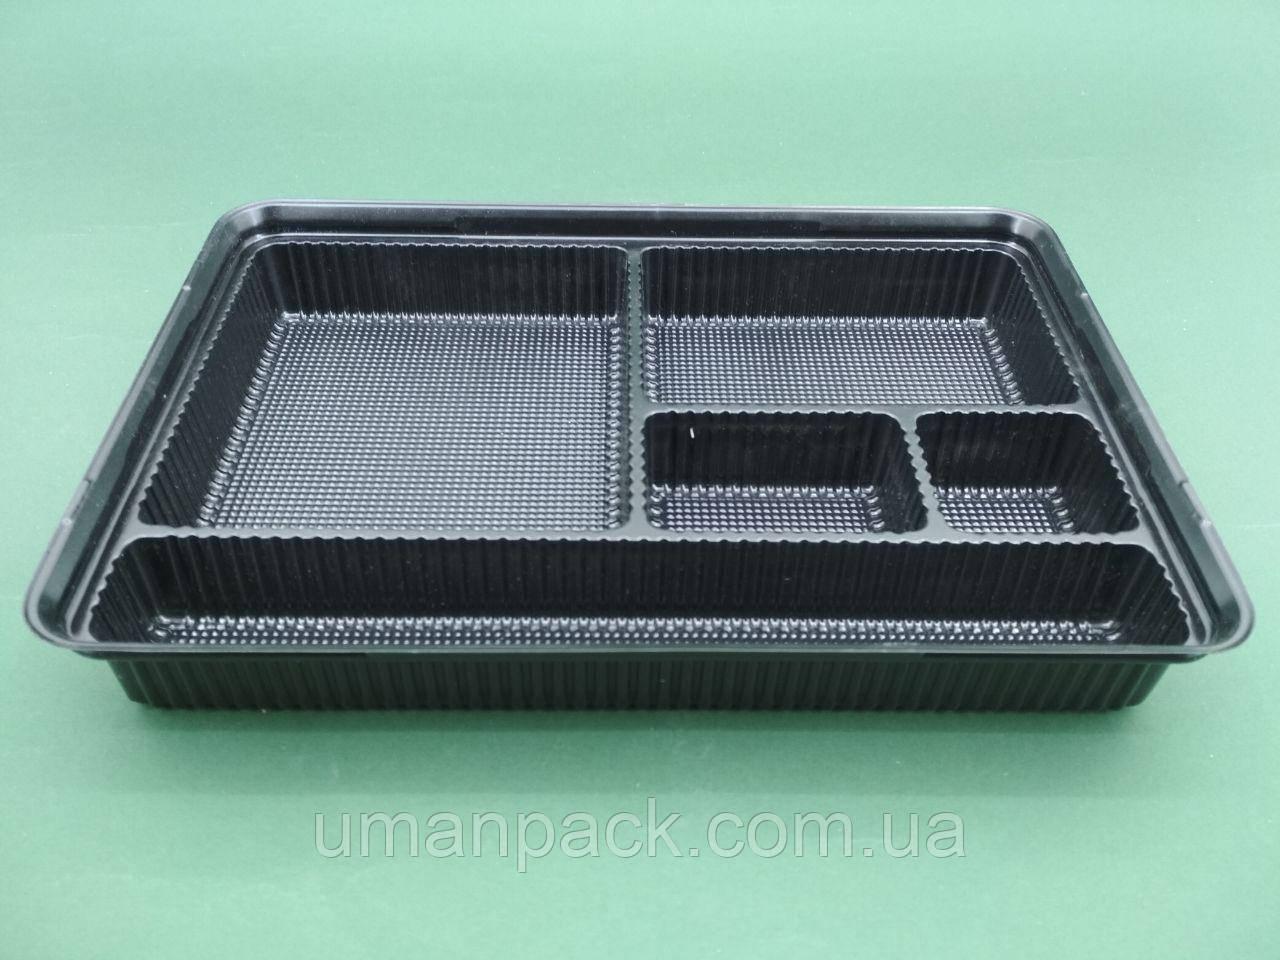 Упаковка для суши с делениями ПС-610ДЧ 27,5*19,5*40 (50 шт)